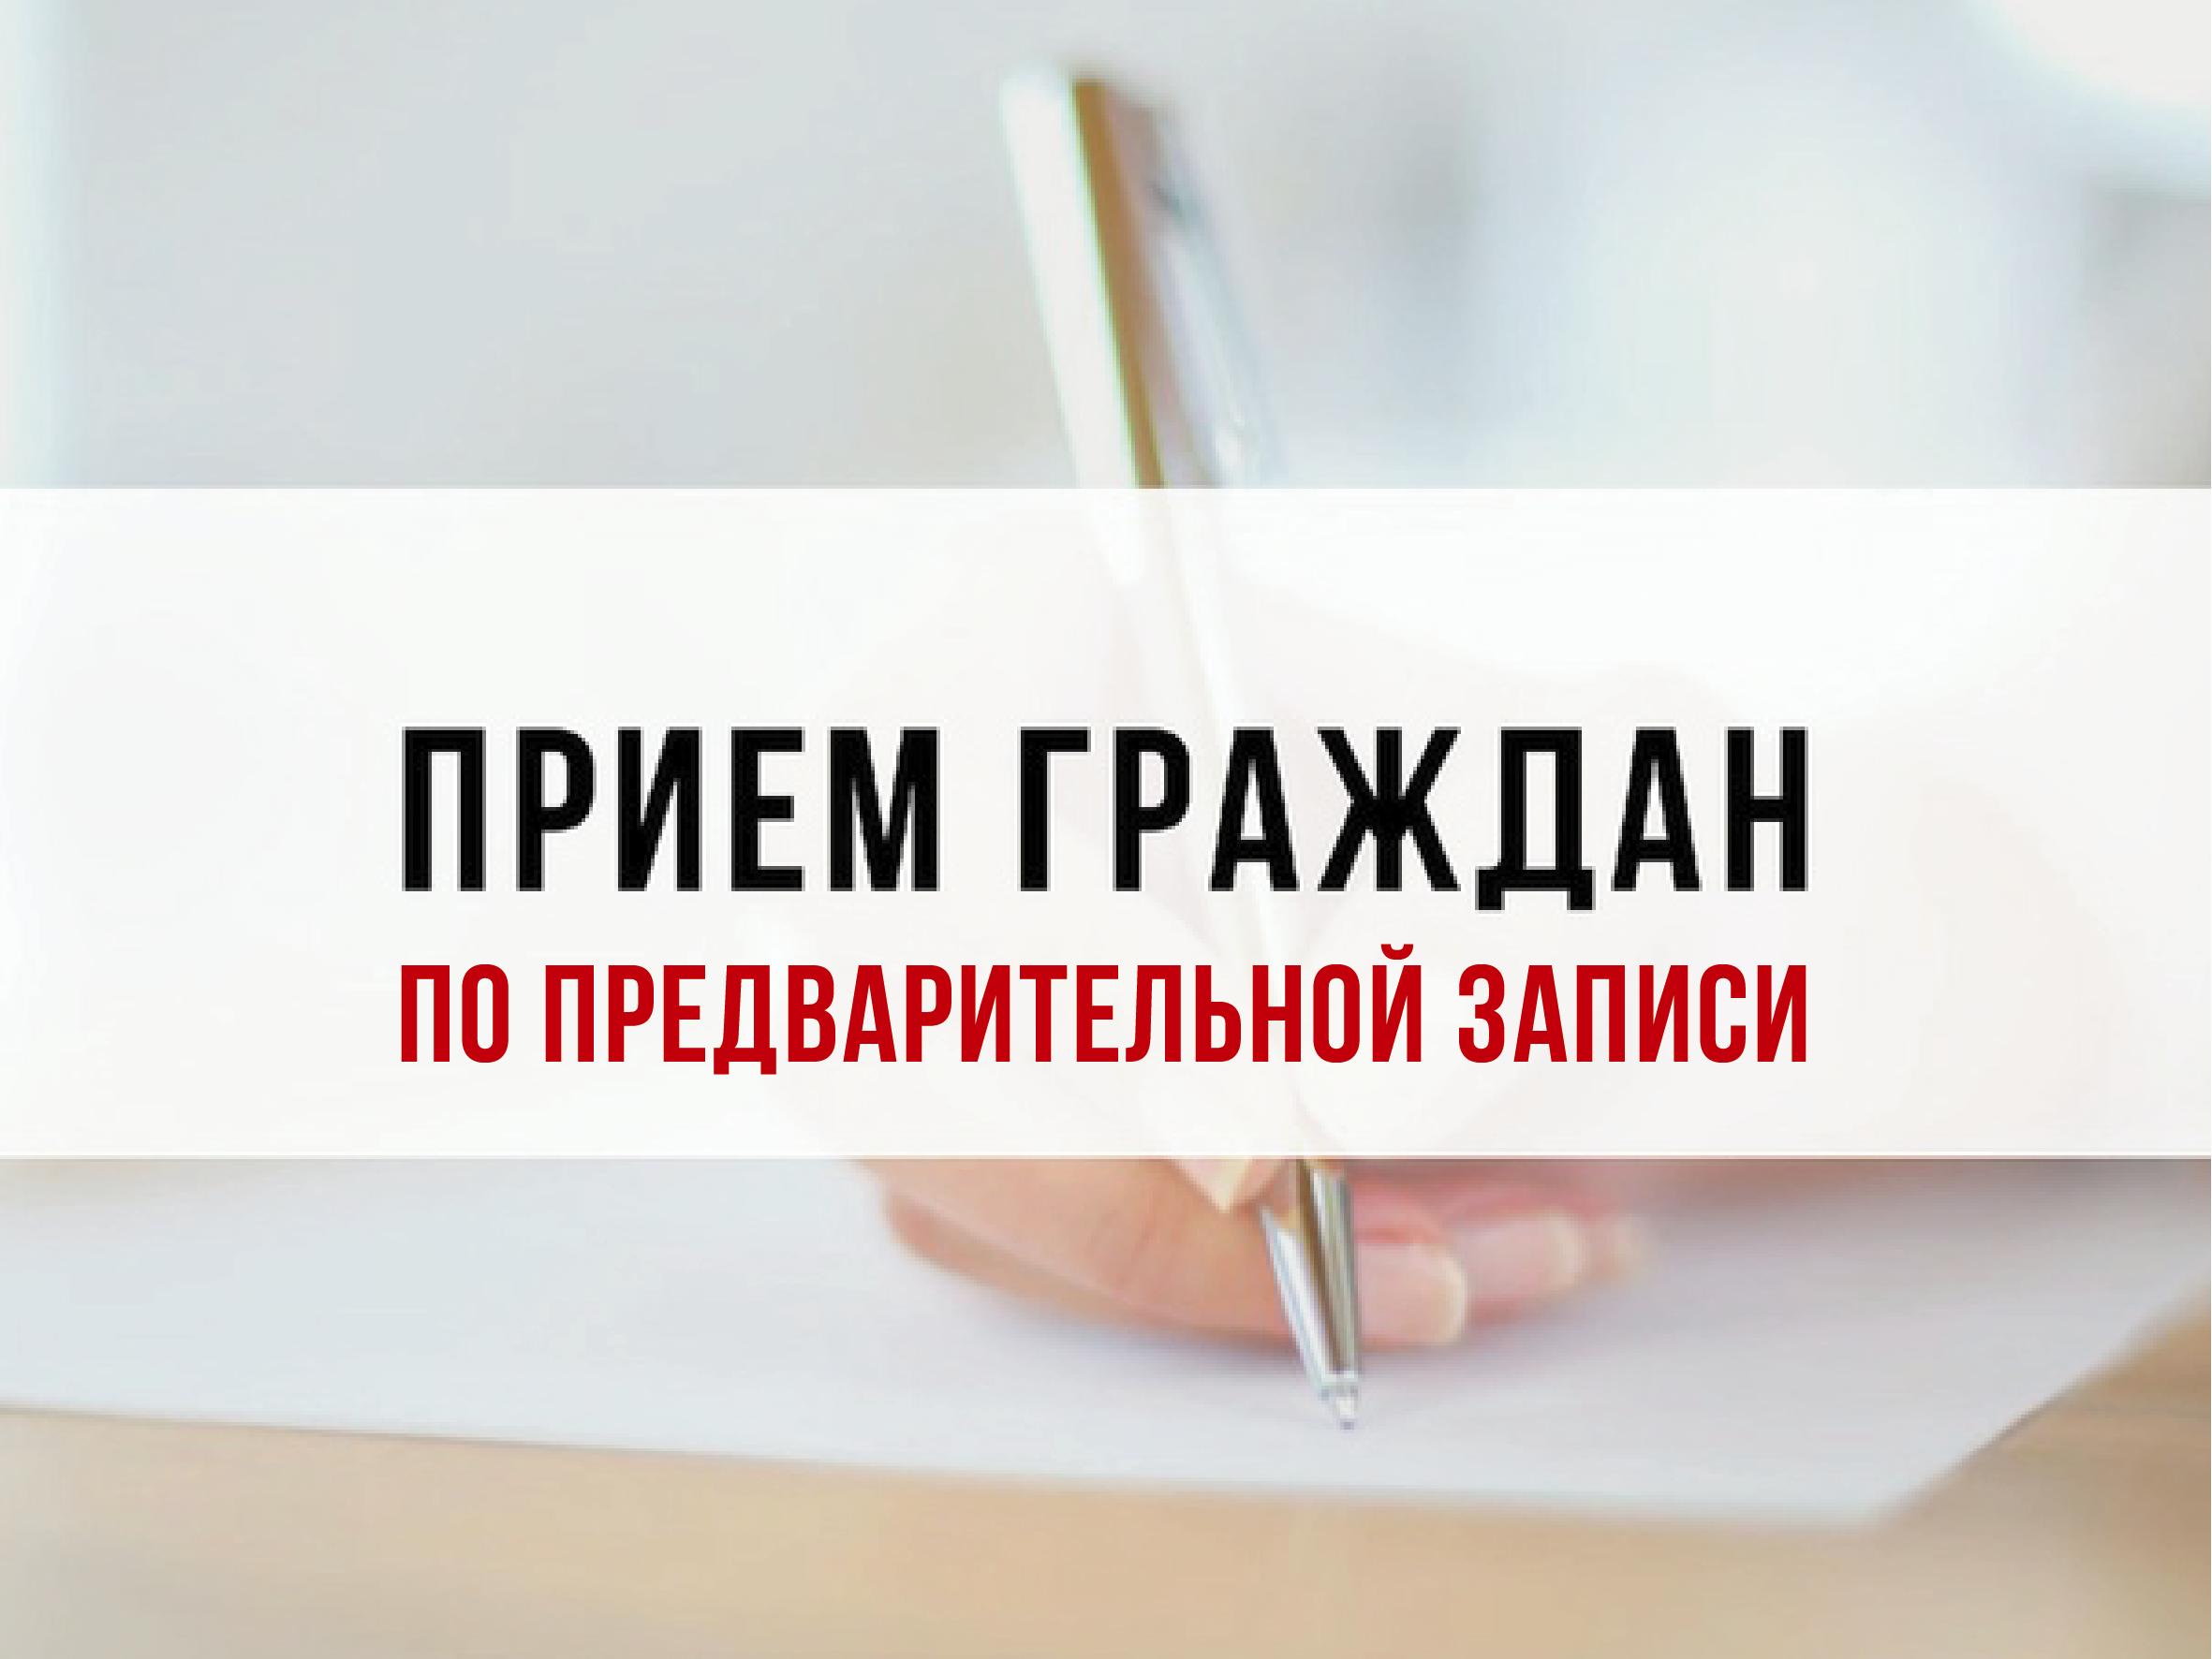 ООО «Газпром межрегионгаз Ростов-на-Дону» переходит на режим работы по предварительной записи